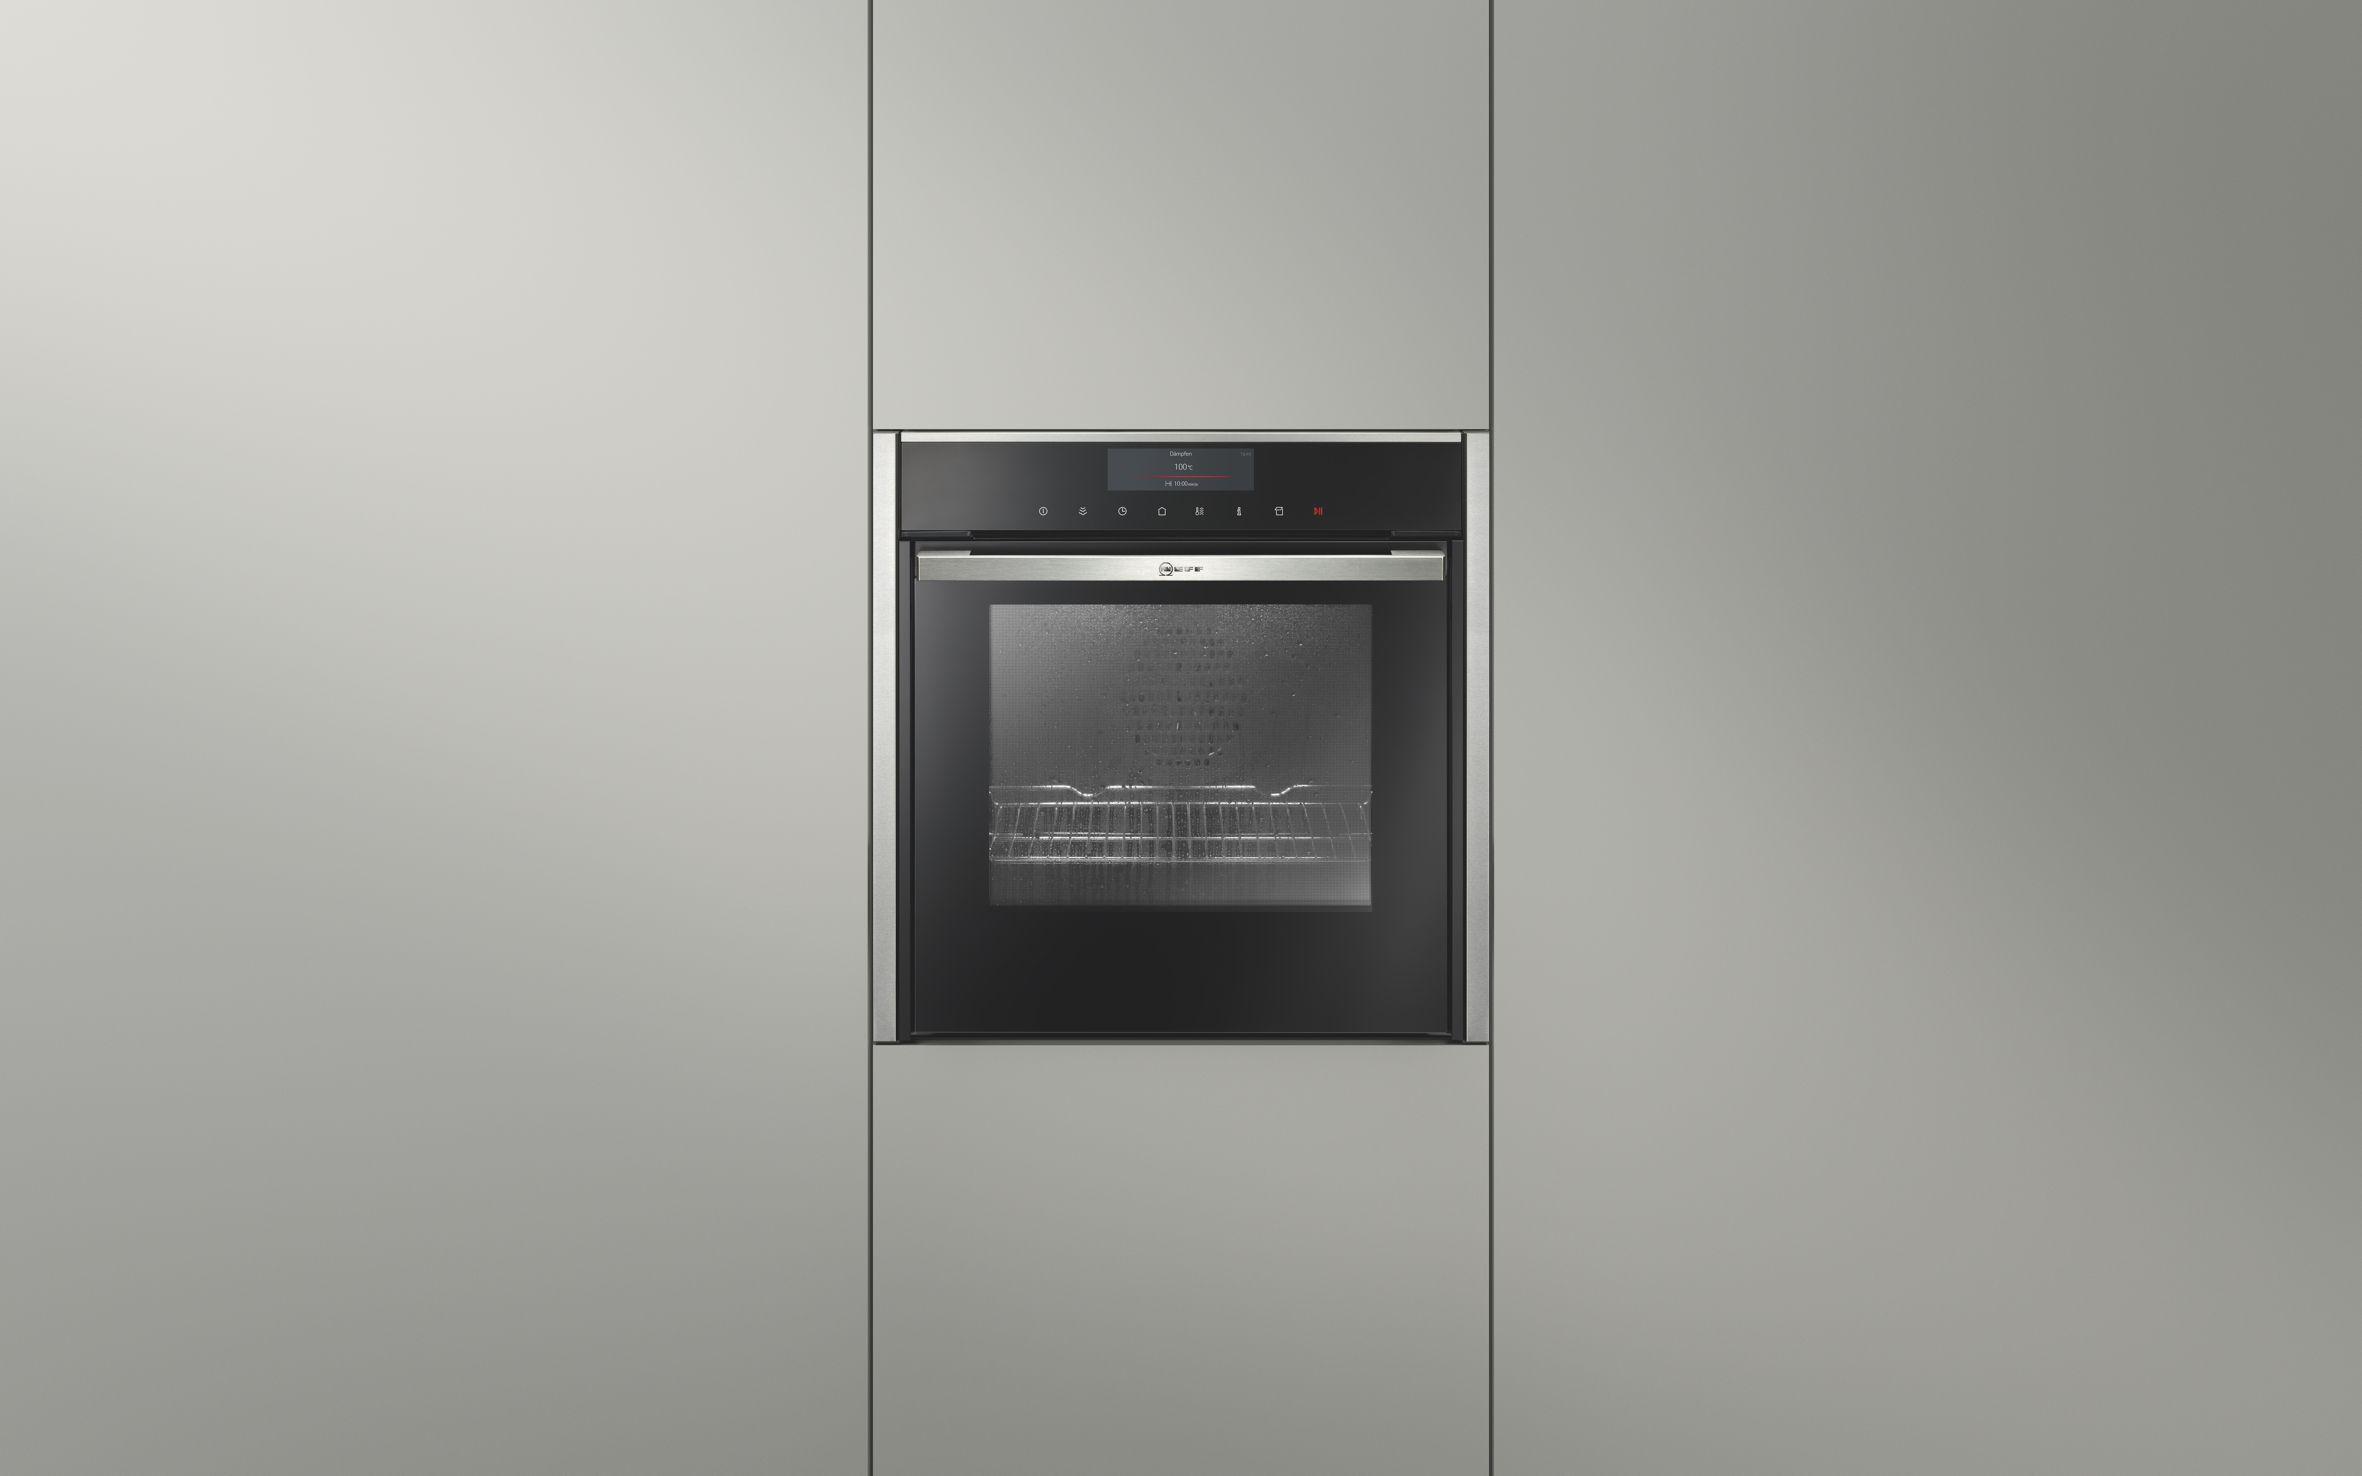 Kühlschrank Planer : Kühlschrank alles wissenswerte auf einen blick deinküchenplaner